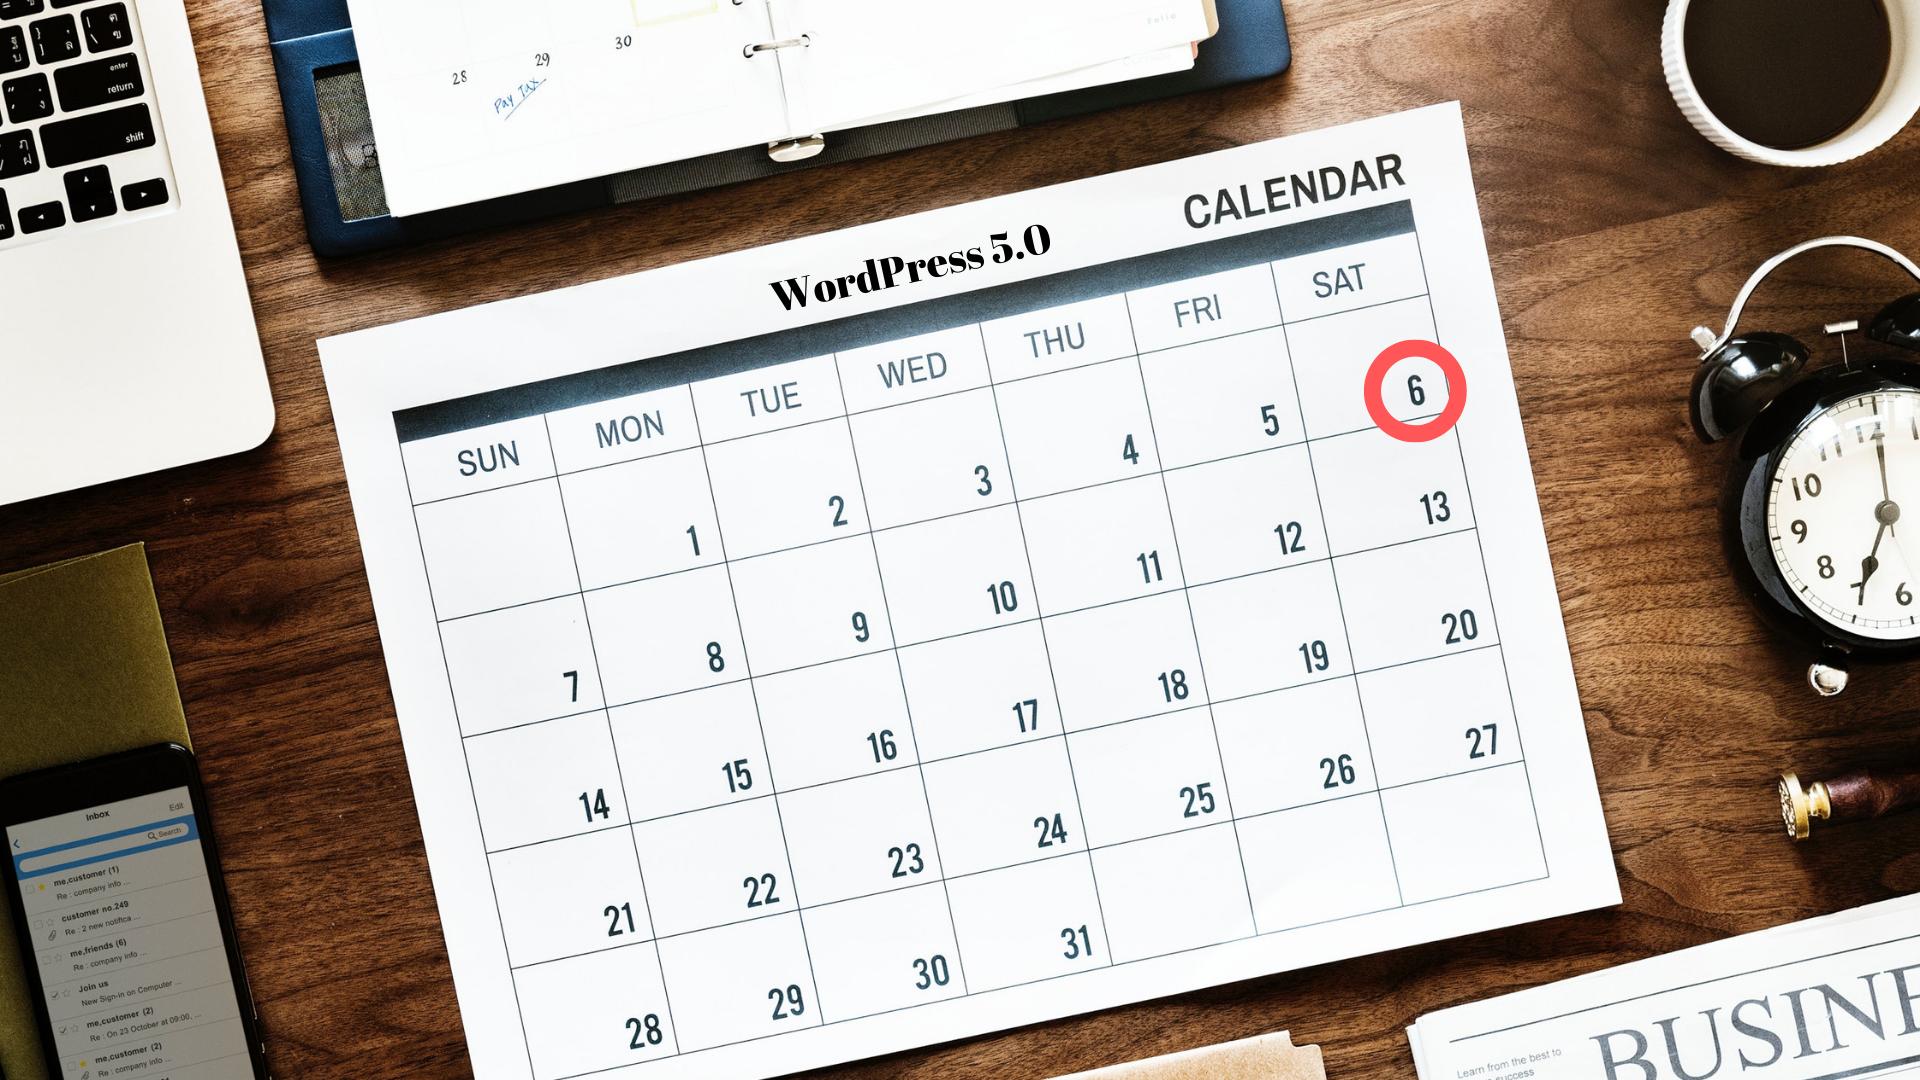 WordPress 5.0 Release Date